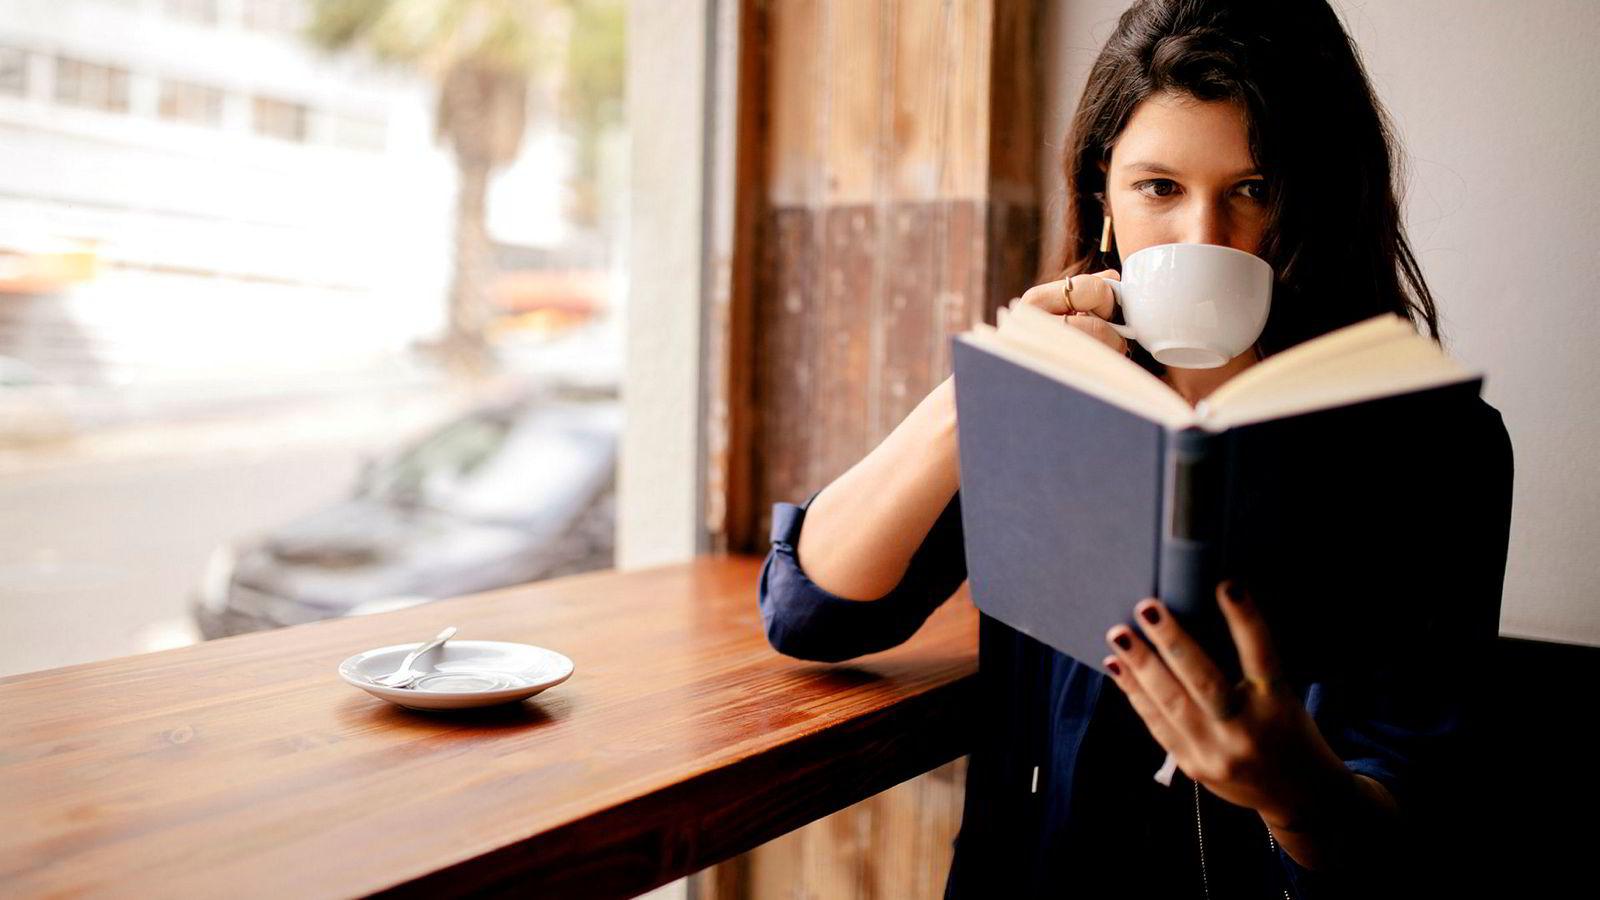 For tusen av en nedlastbar lydfil/lydbok, tjener forfatteren rundt 38.000 kroner, det vil si rundt 40 prosent mindre enn på en papirbok.